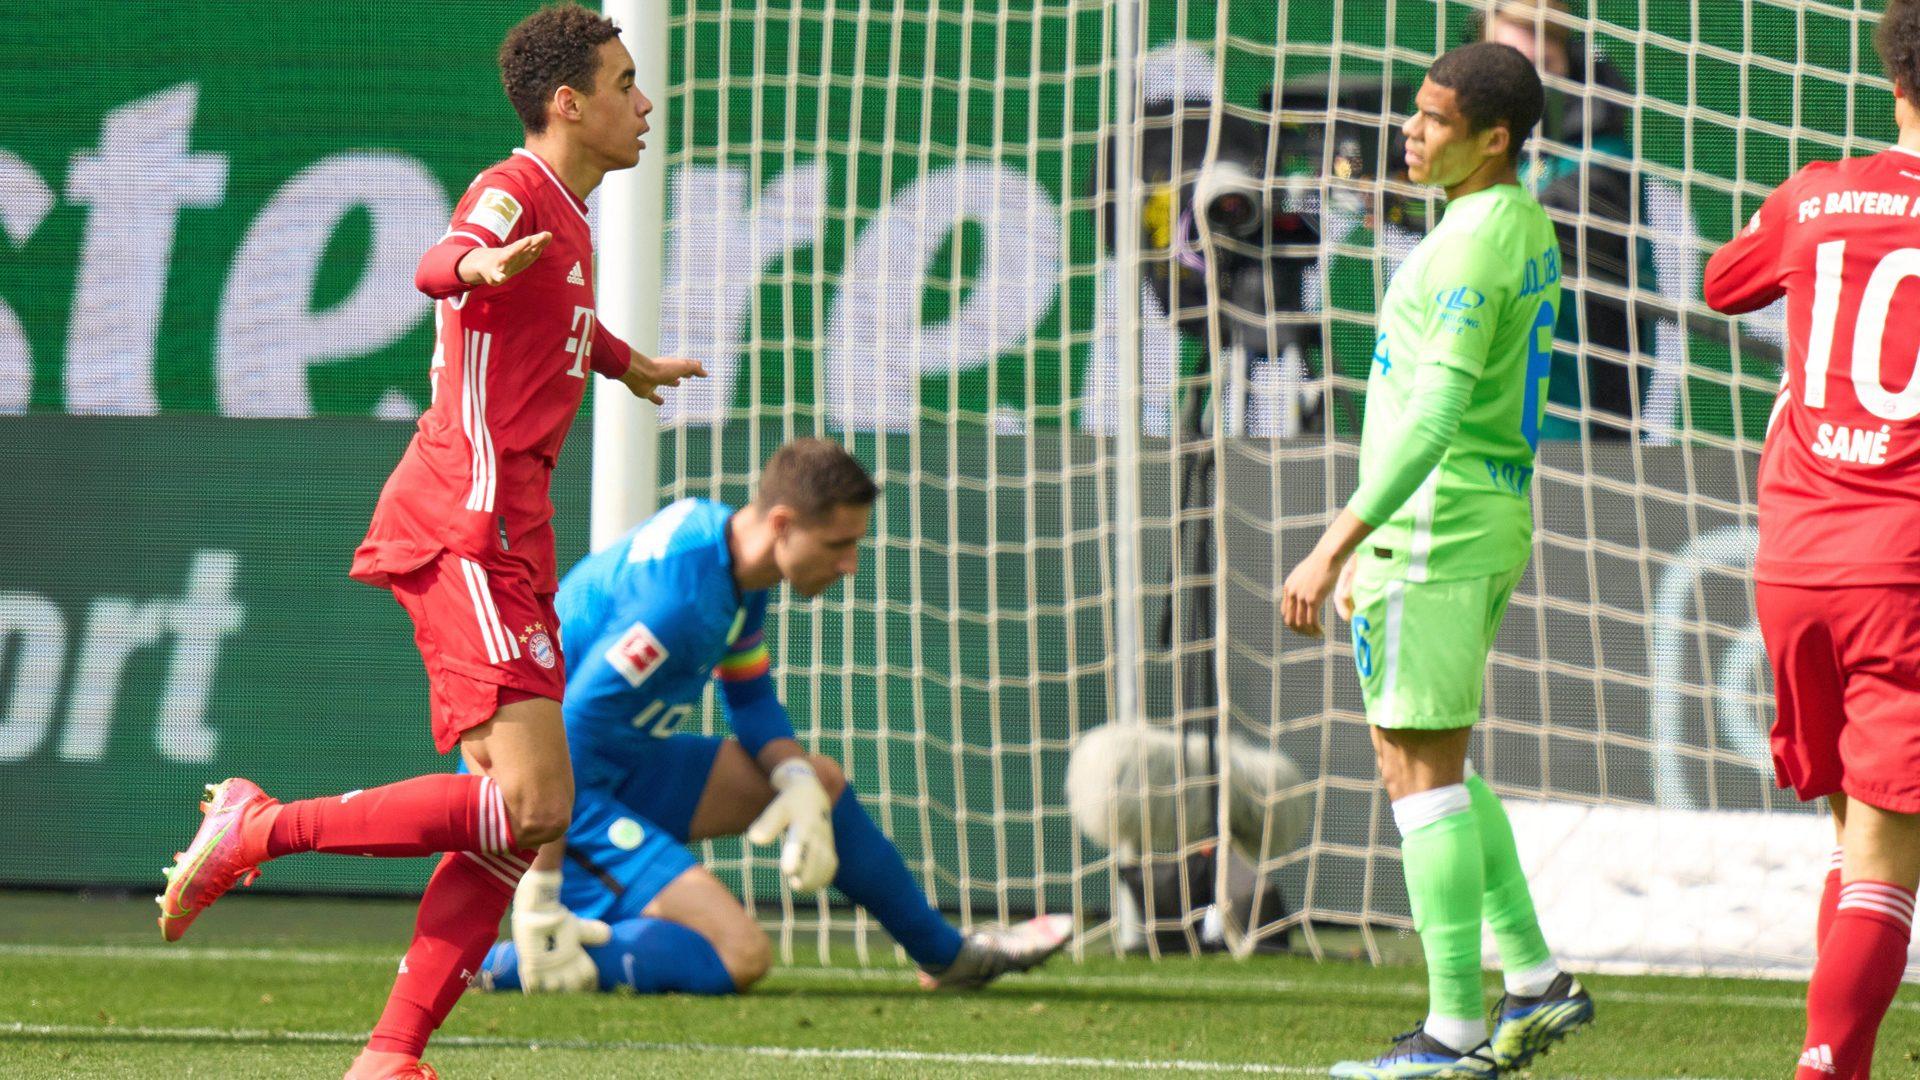 Bundesliga Vfl Wolfsburg Fc Bayern Munchen Spielbericht